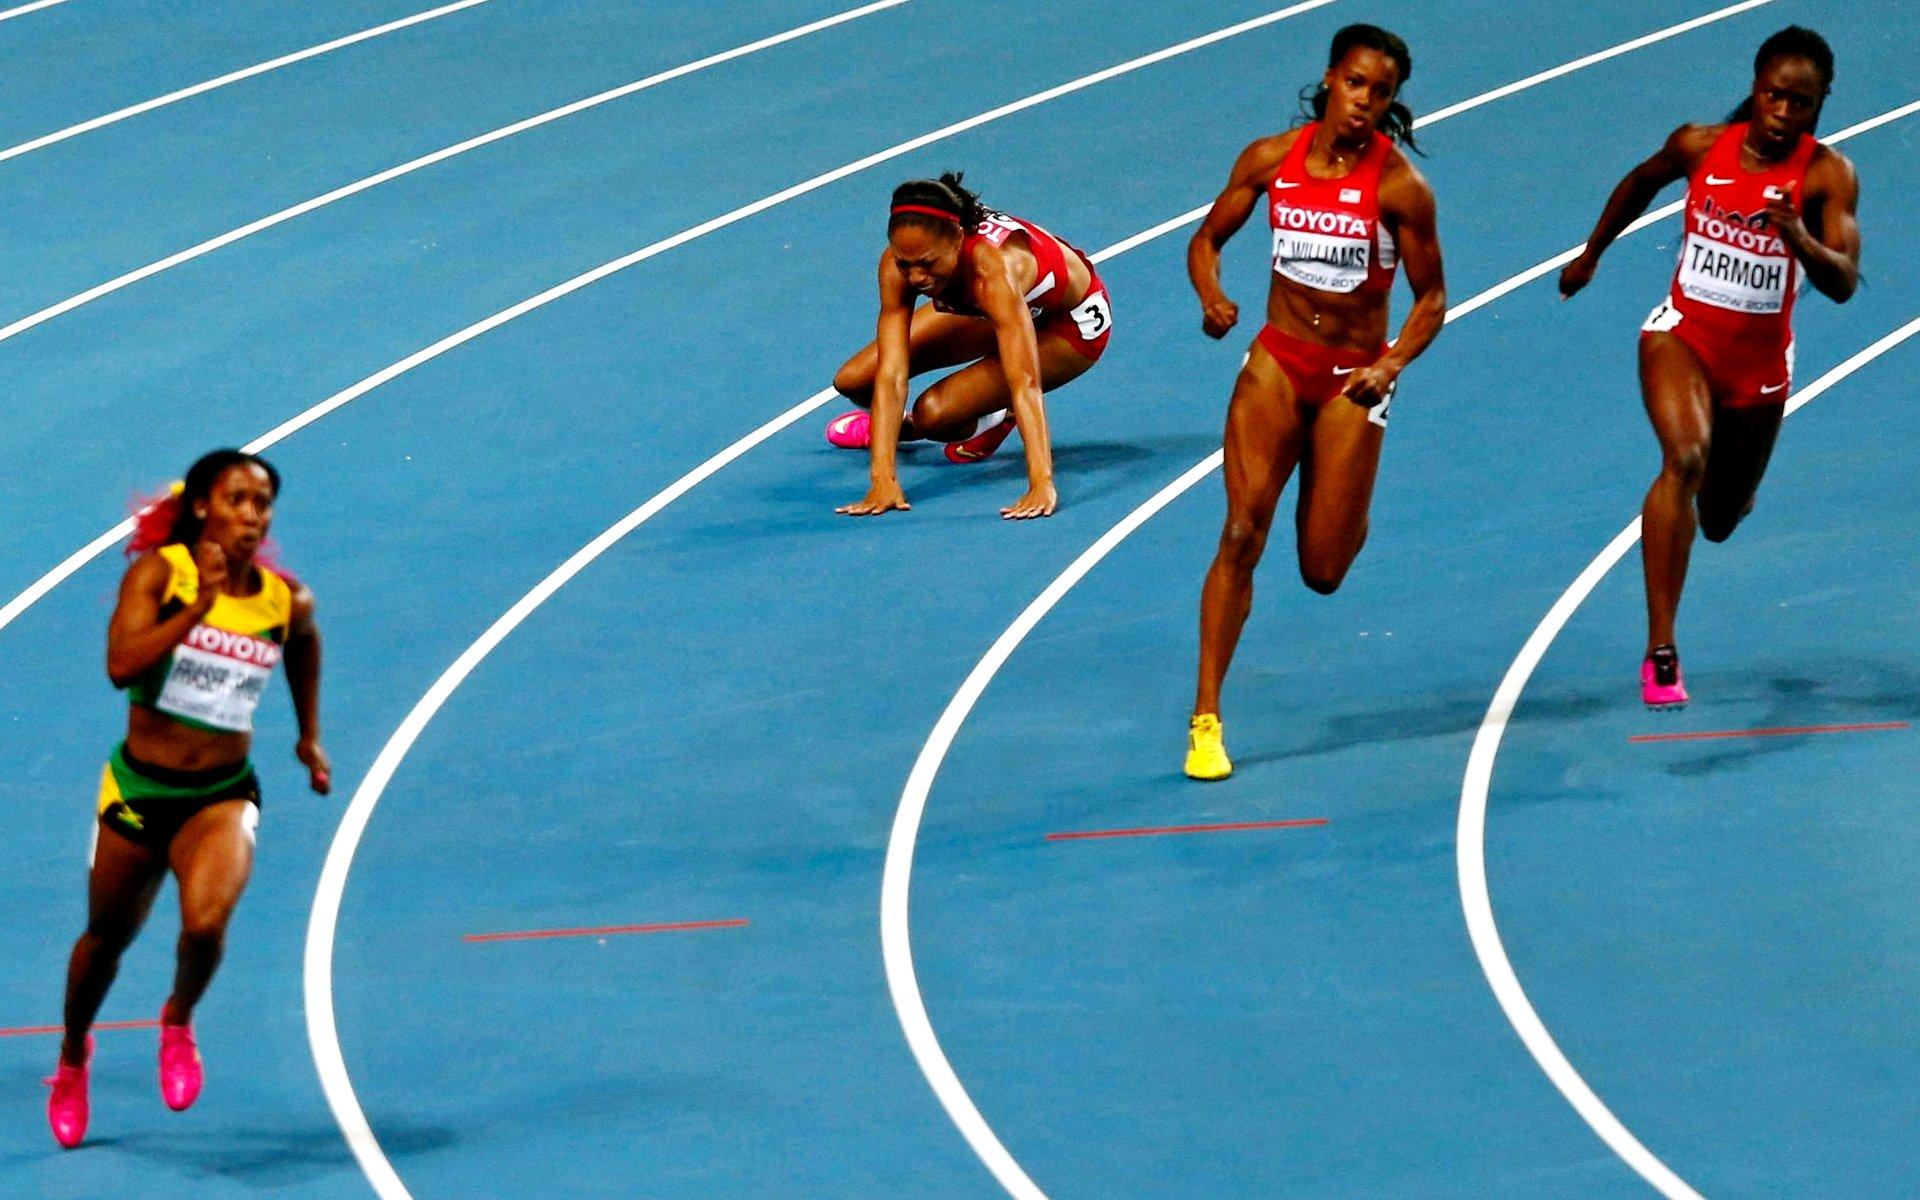 Симулятор легкой атлетики скачать